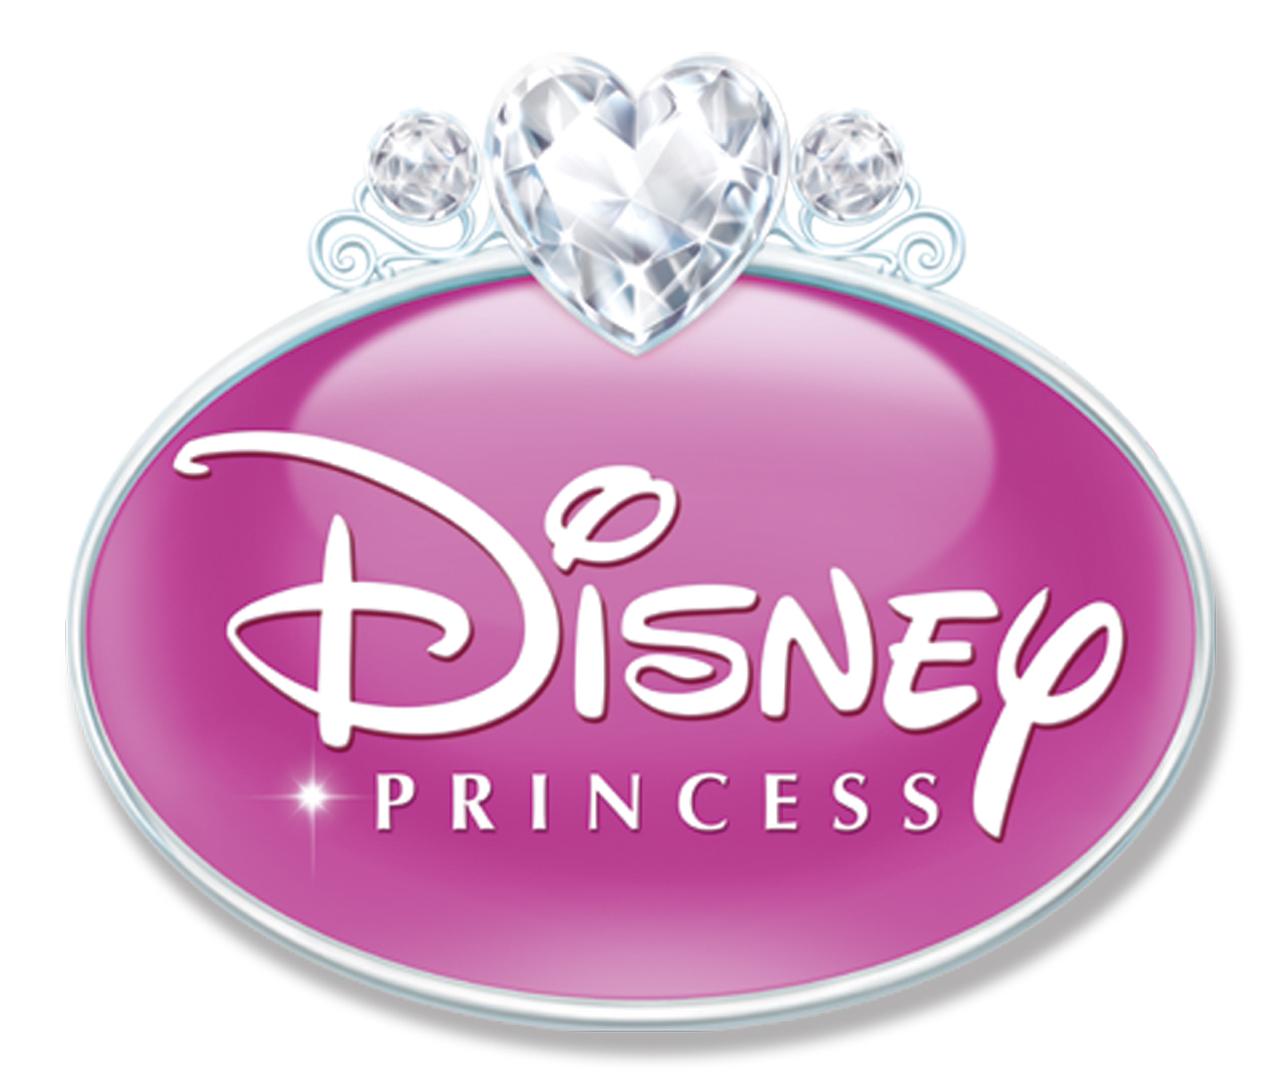 Imagini pentru disney princess logo lego